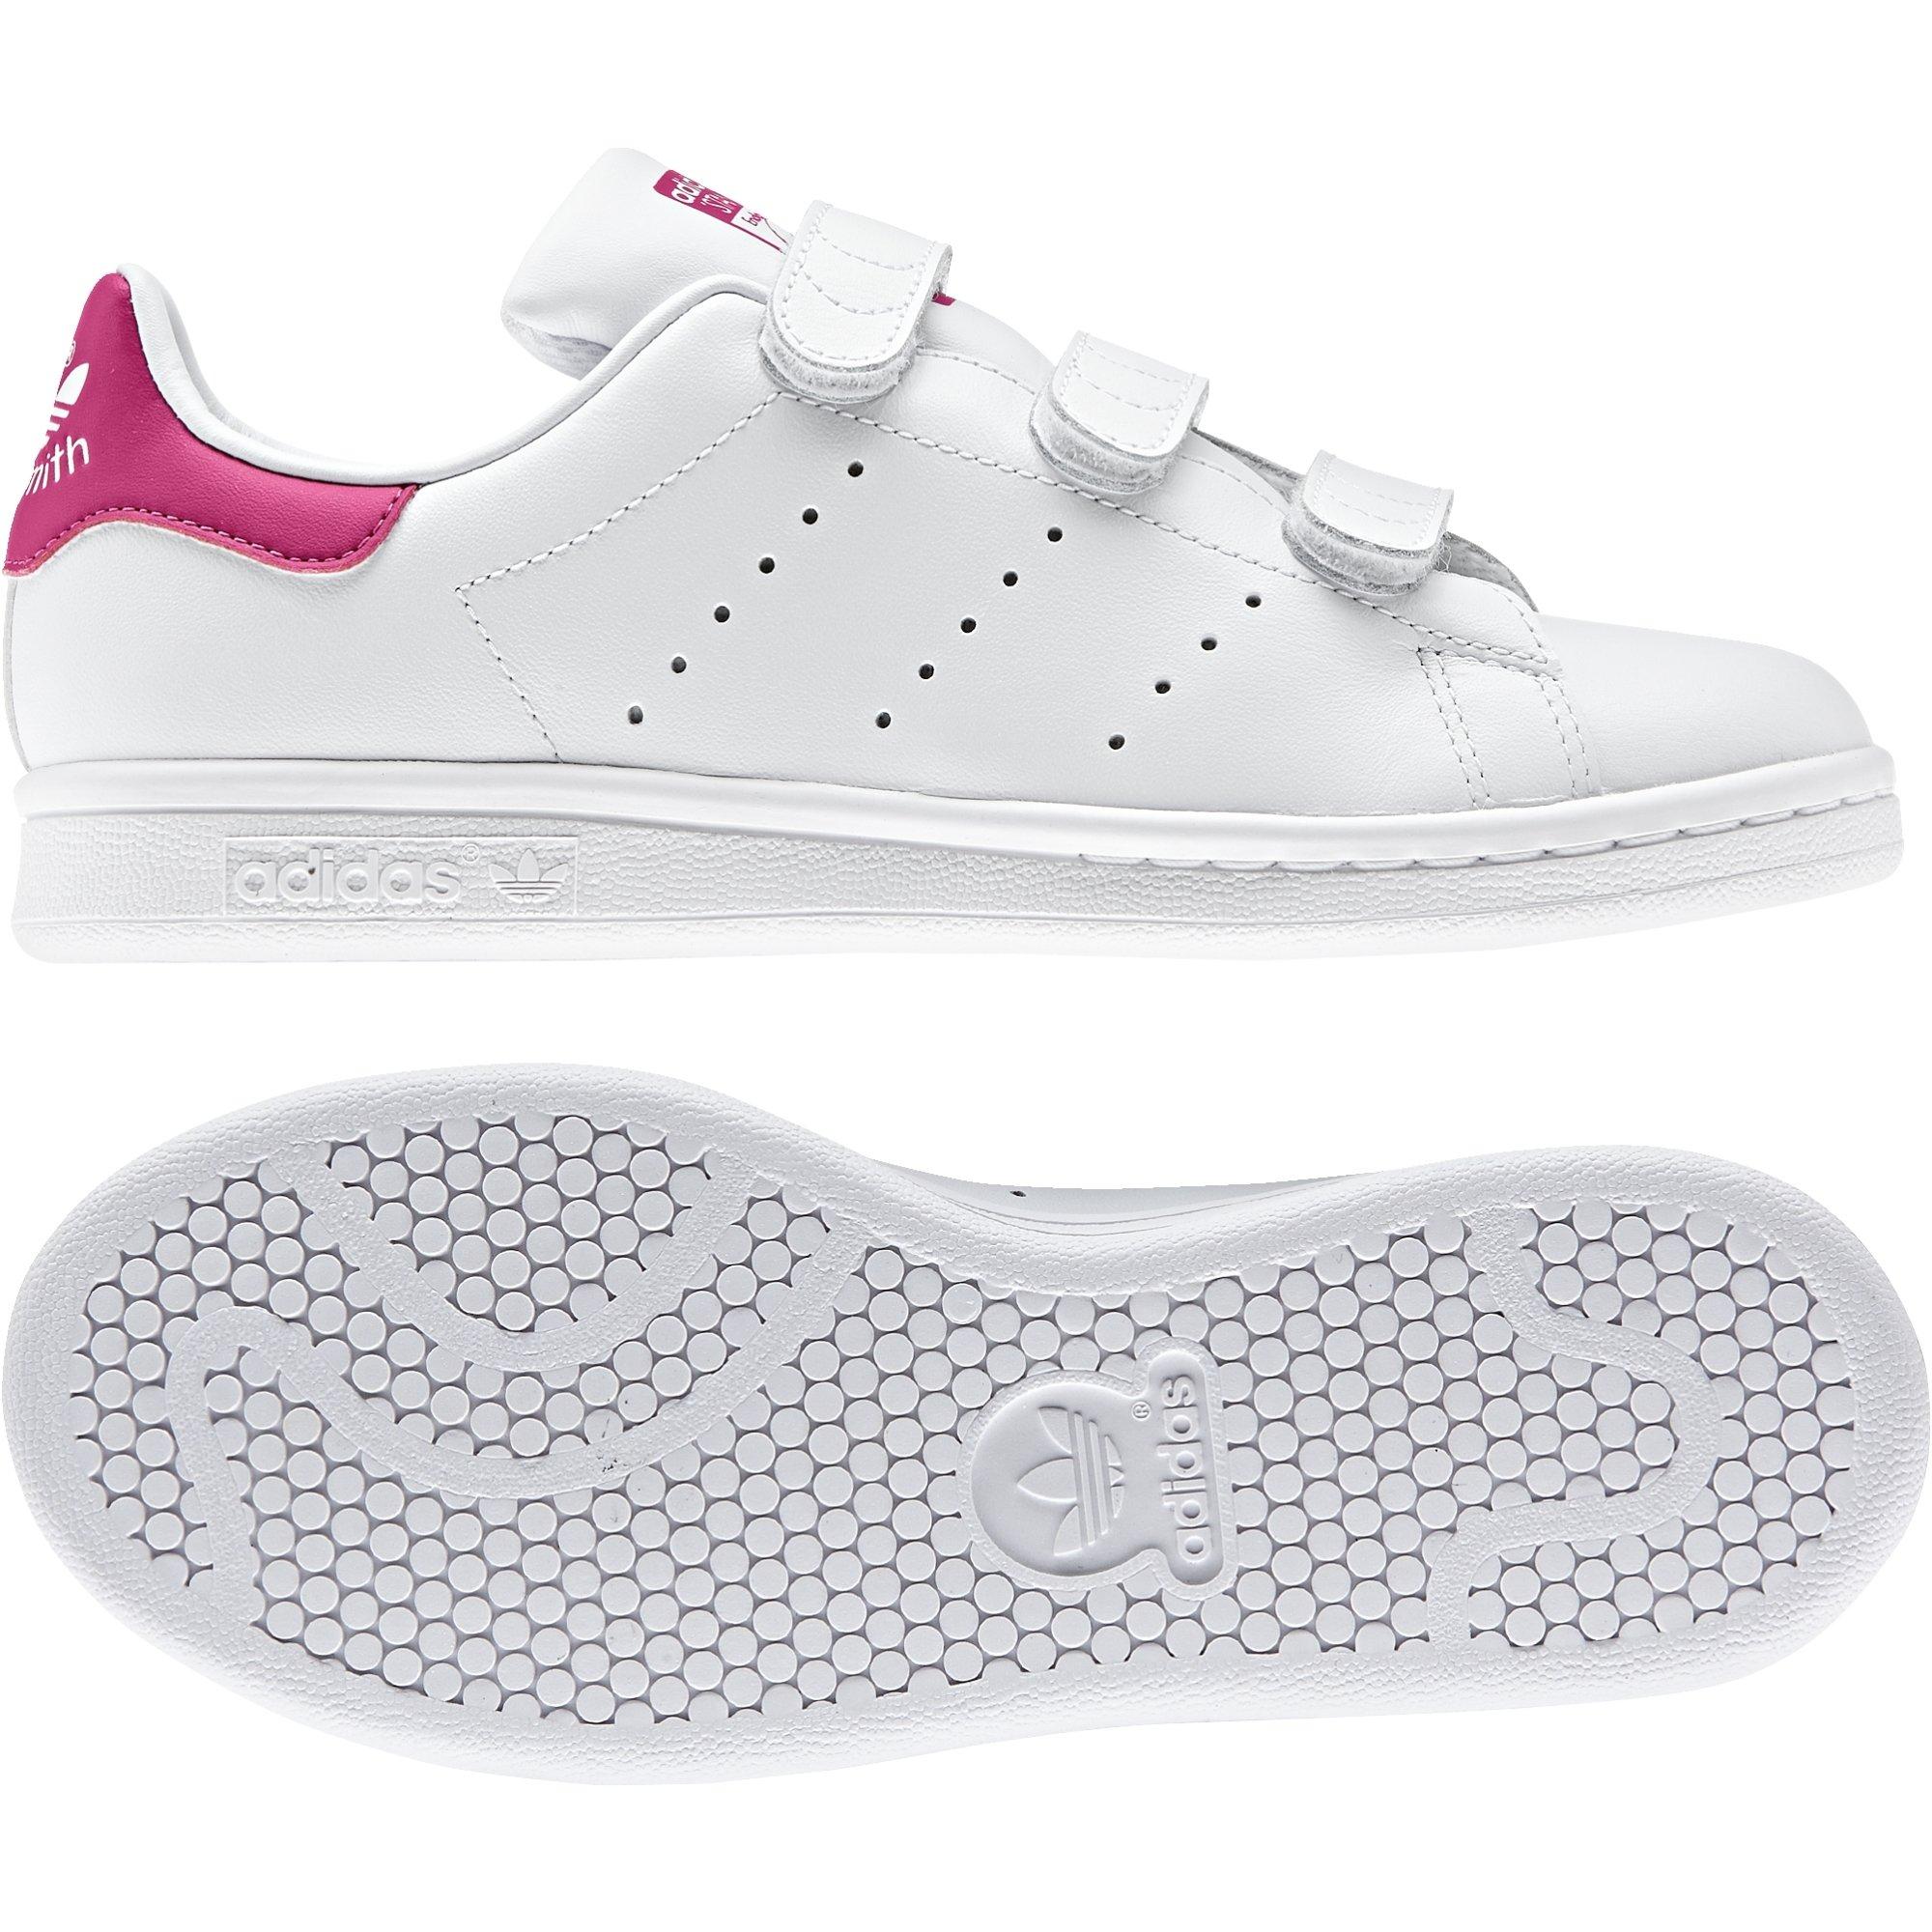 1234ef4eec29 Galleon - Adidas Originals Girls  Stan Smith CF J Running Shoe ...